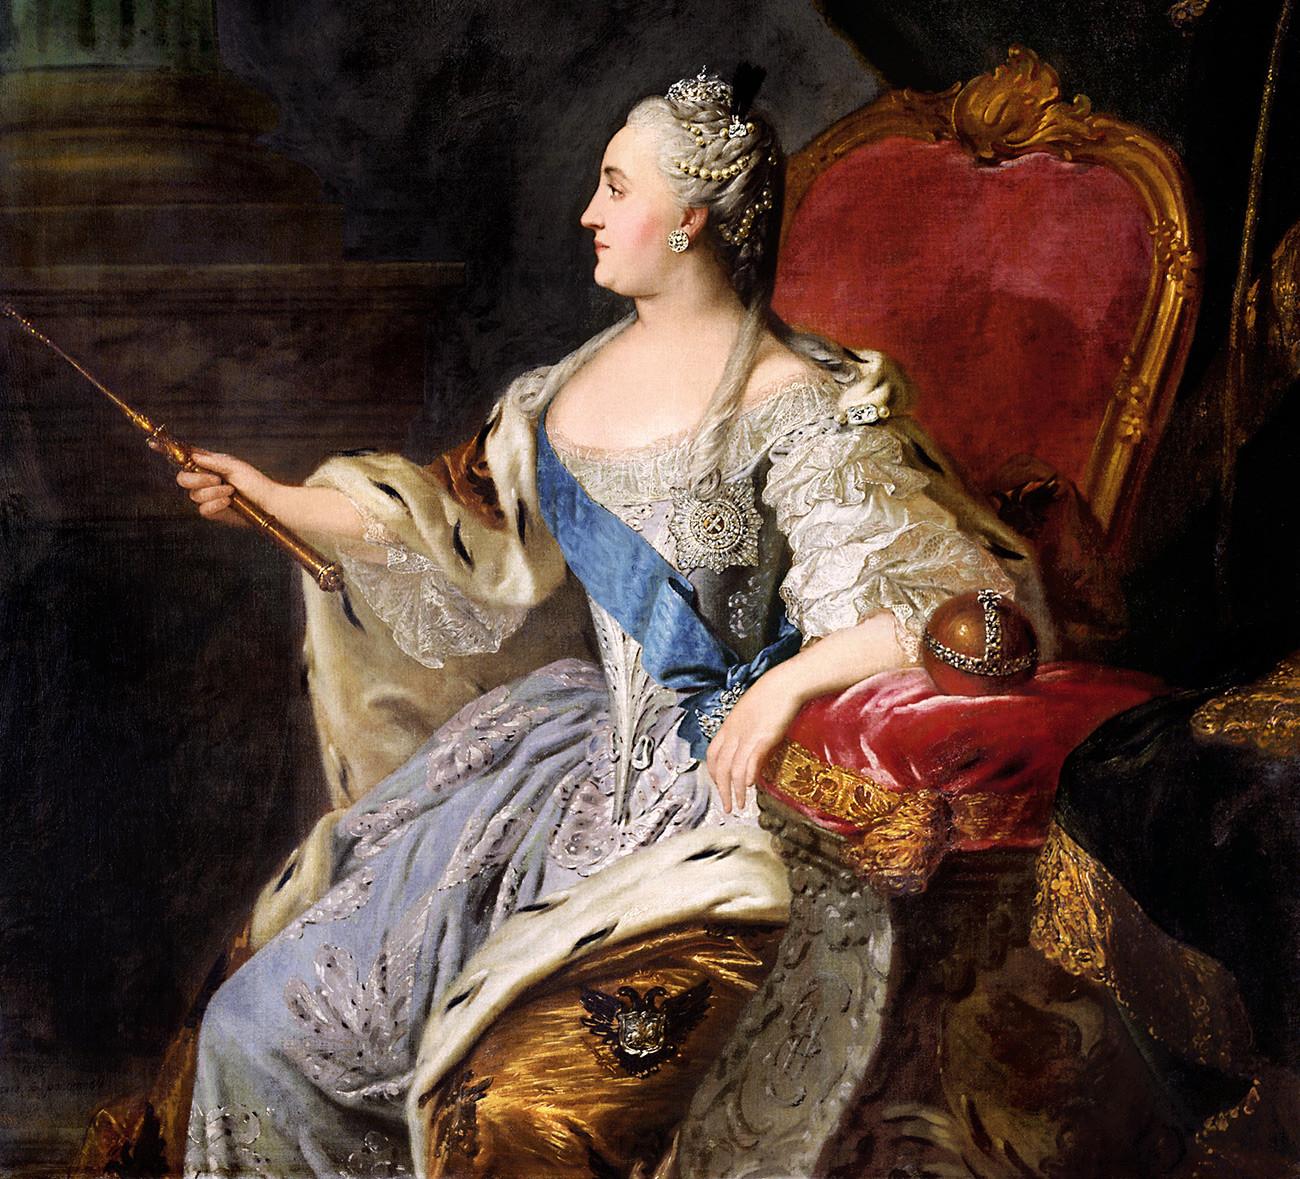 Portret vladarice Katarine Velike, avtor Fjodor Rokotov, olje na platnu